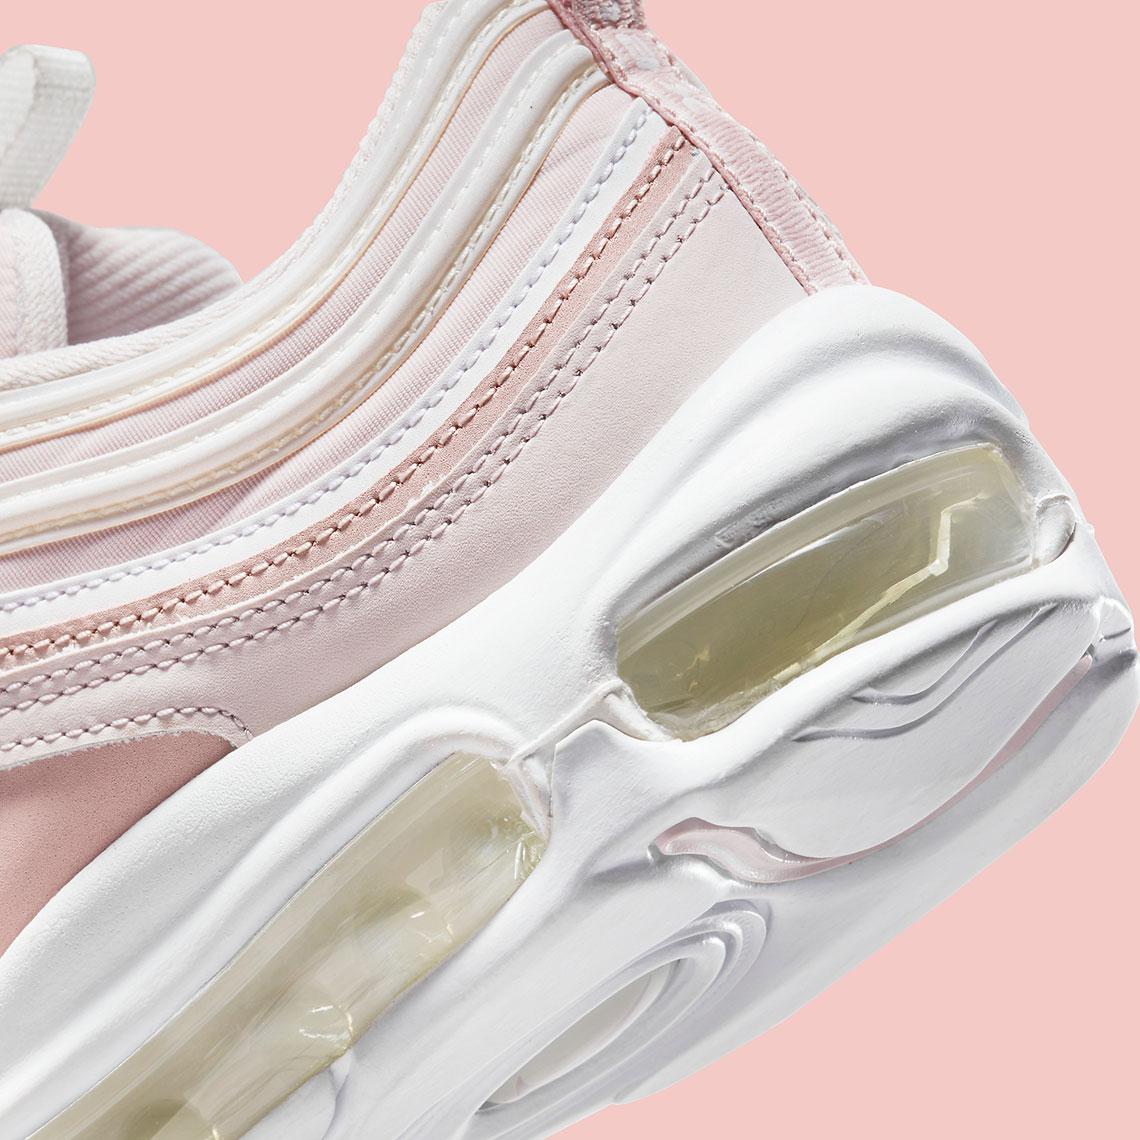 Nike Air Max 97 Barely Rose DJ3874-600 | SneakerNews.com